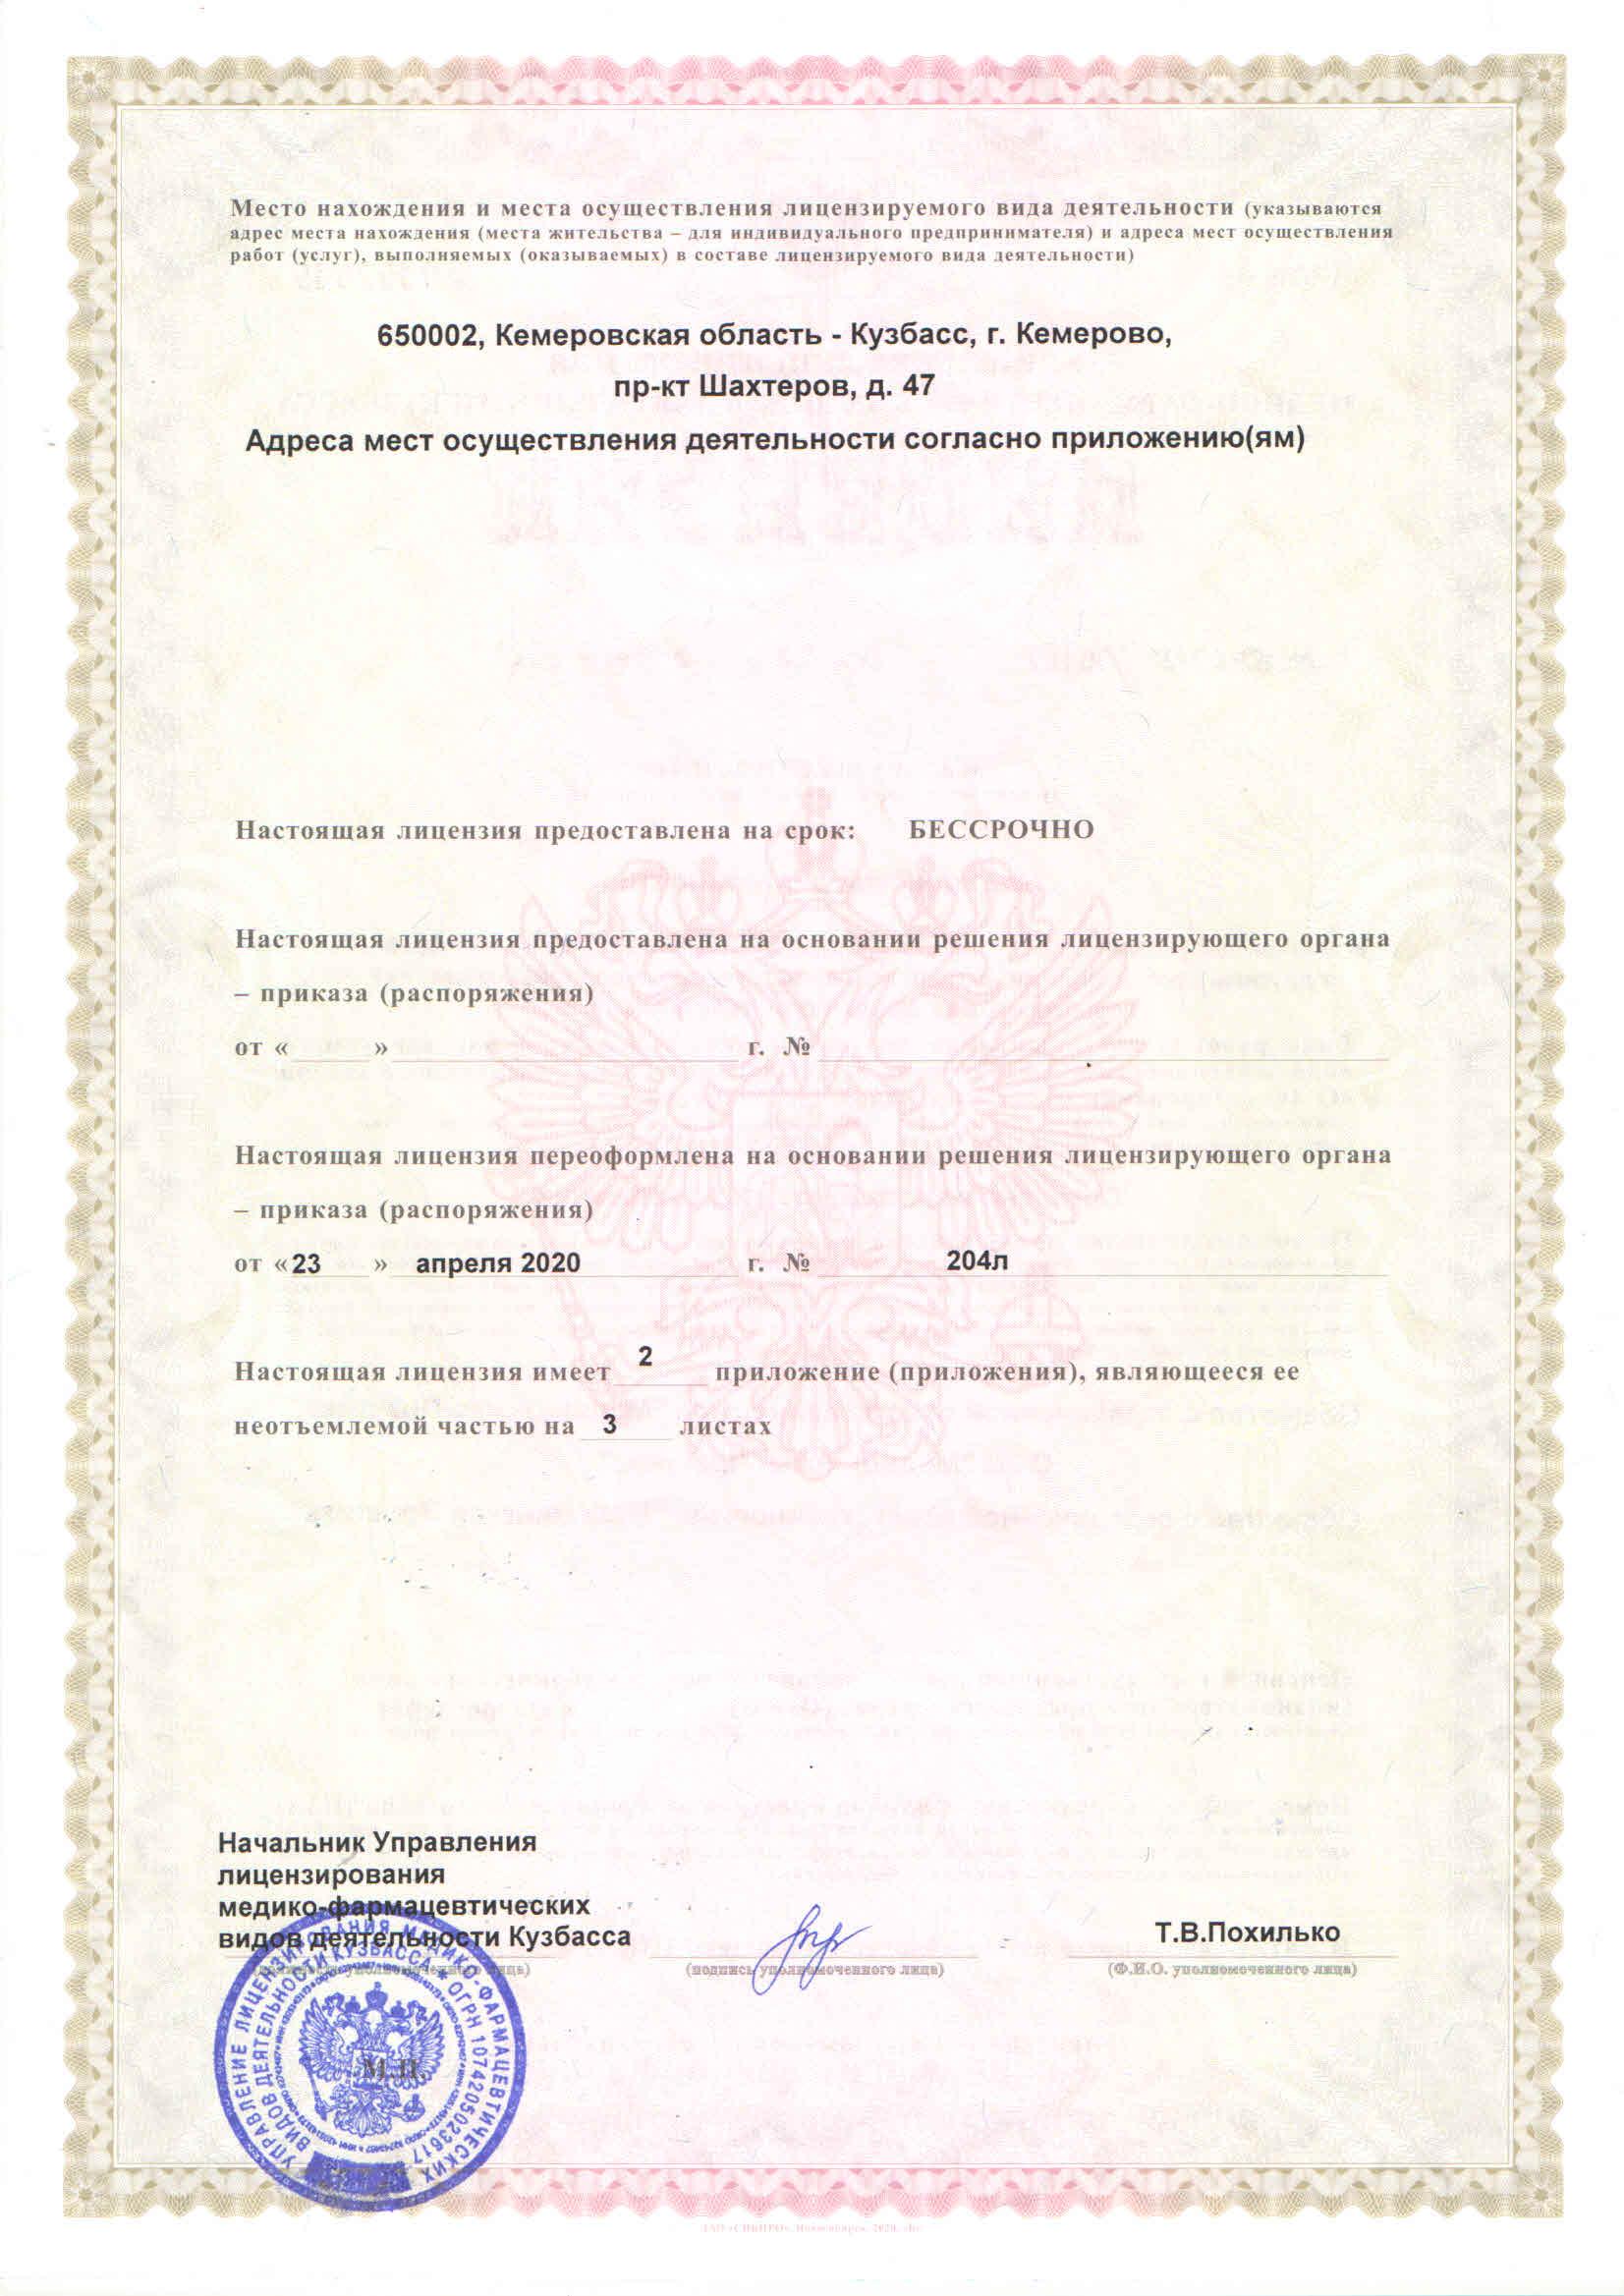 Лицензия от 23.04.2020 г.1